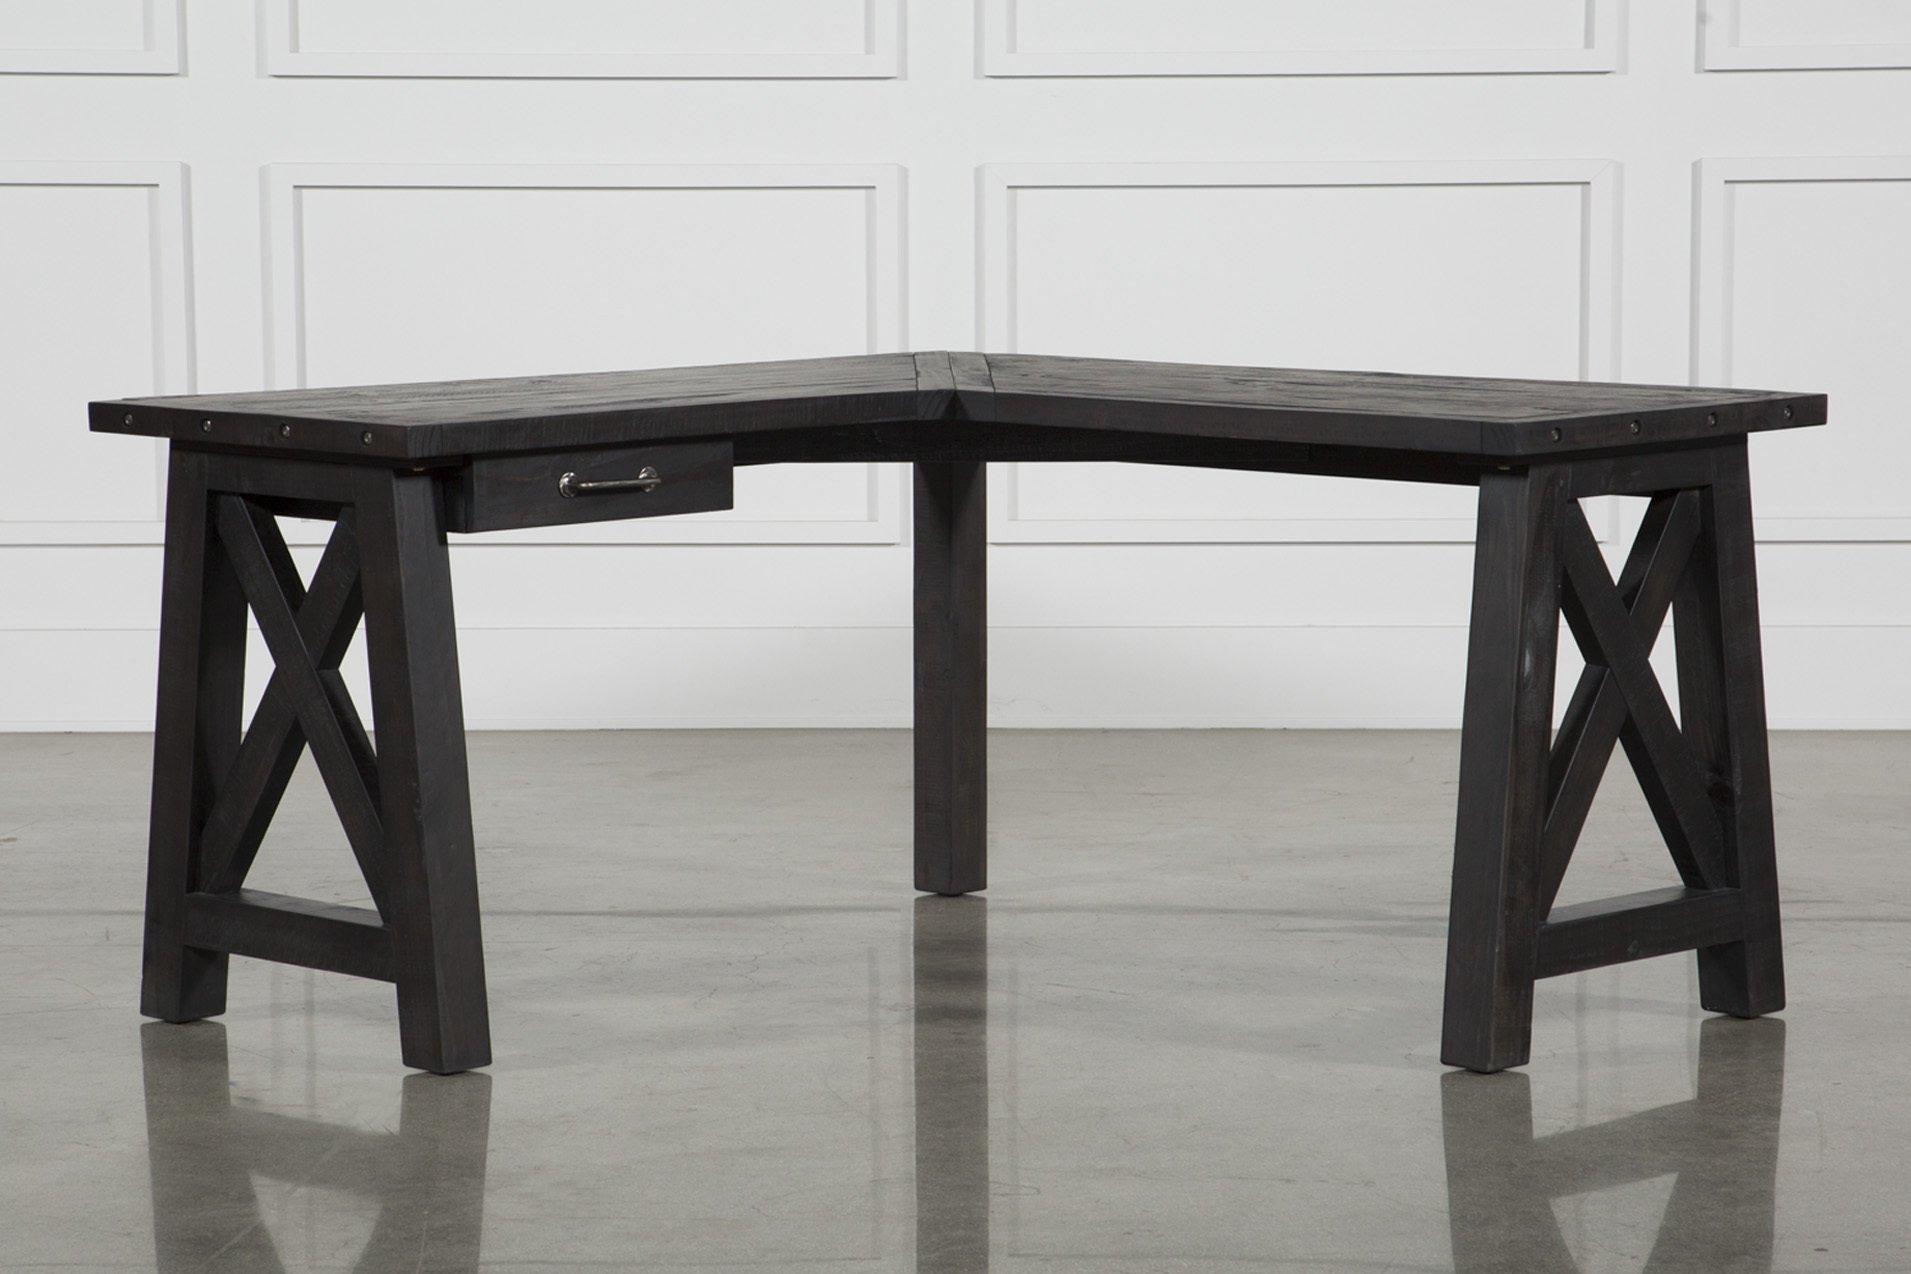 jaxon corner desk - 360 UTIZBMX